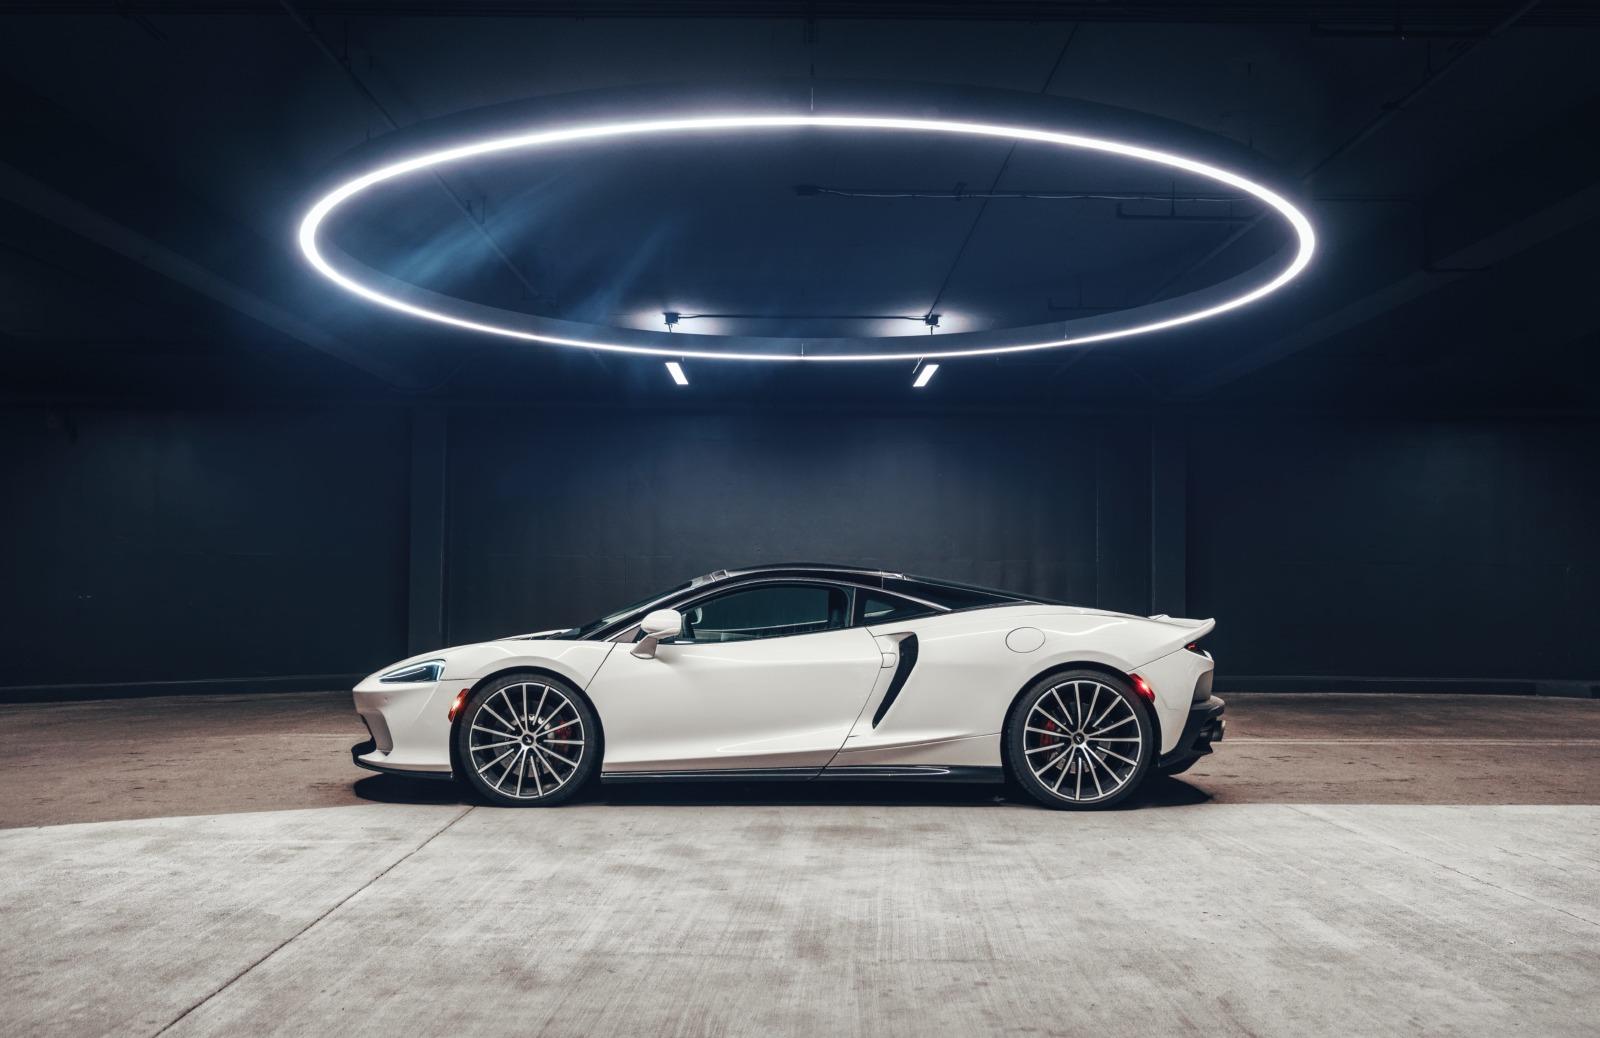 マクラーレン GTが価格を改定、併せてオプション無償化とメンテナンスフリーパックを導入